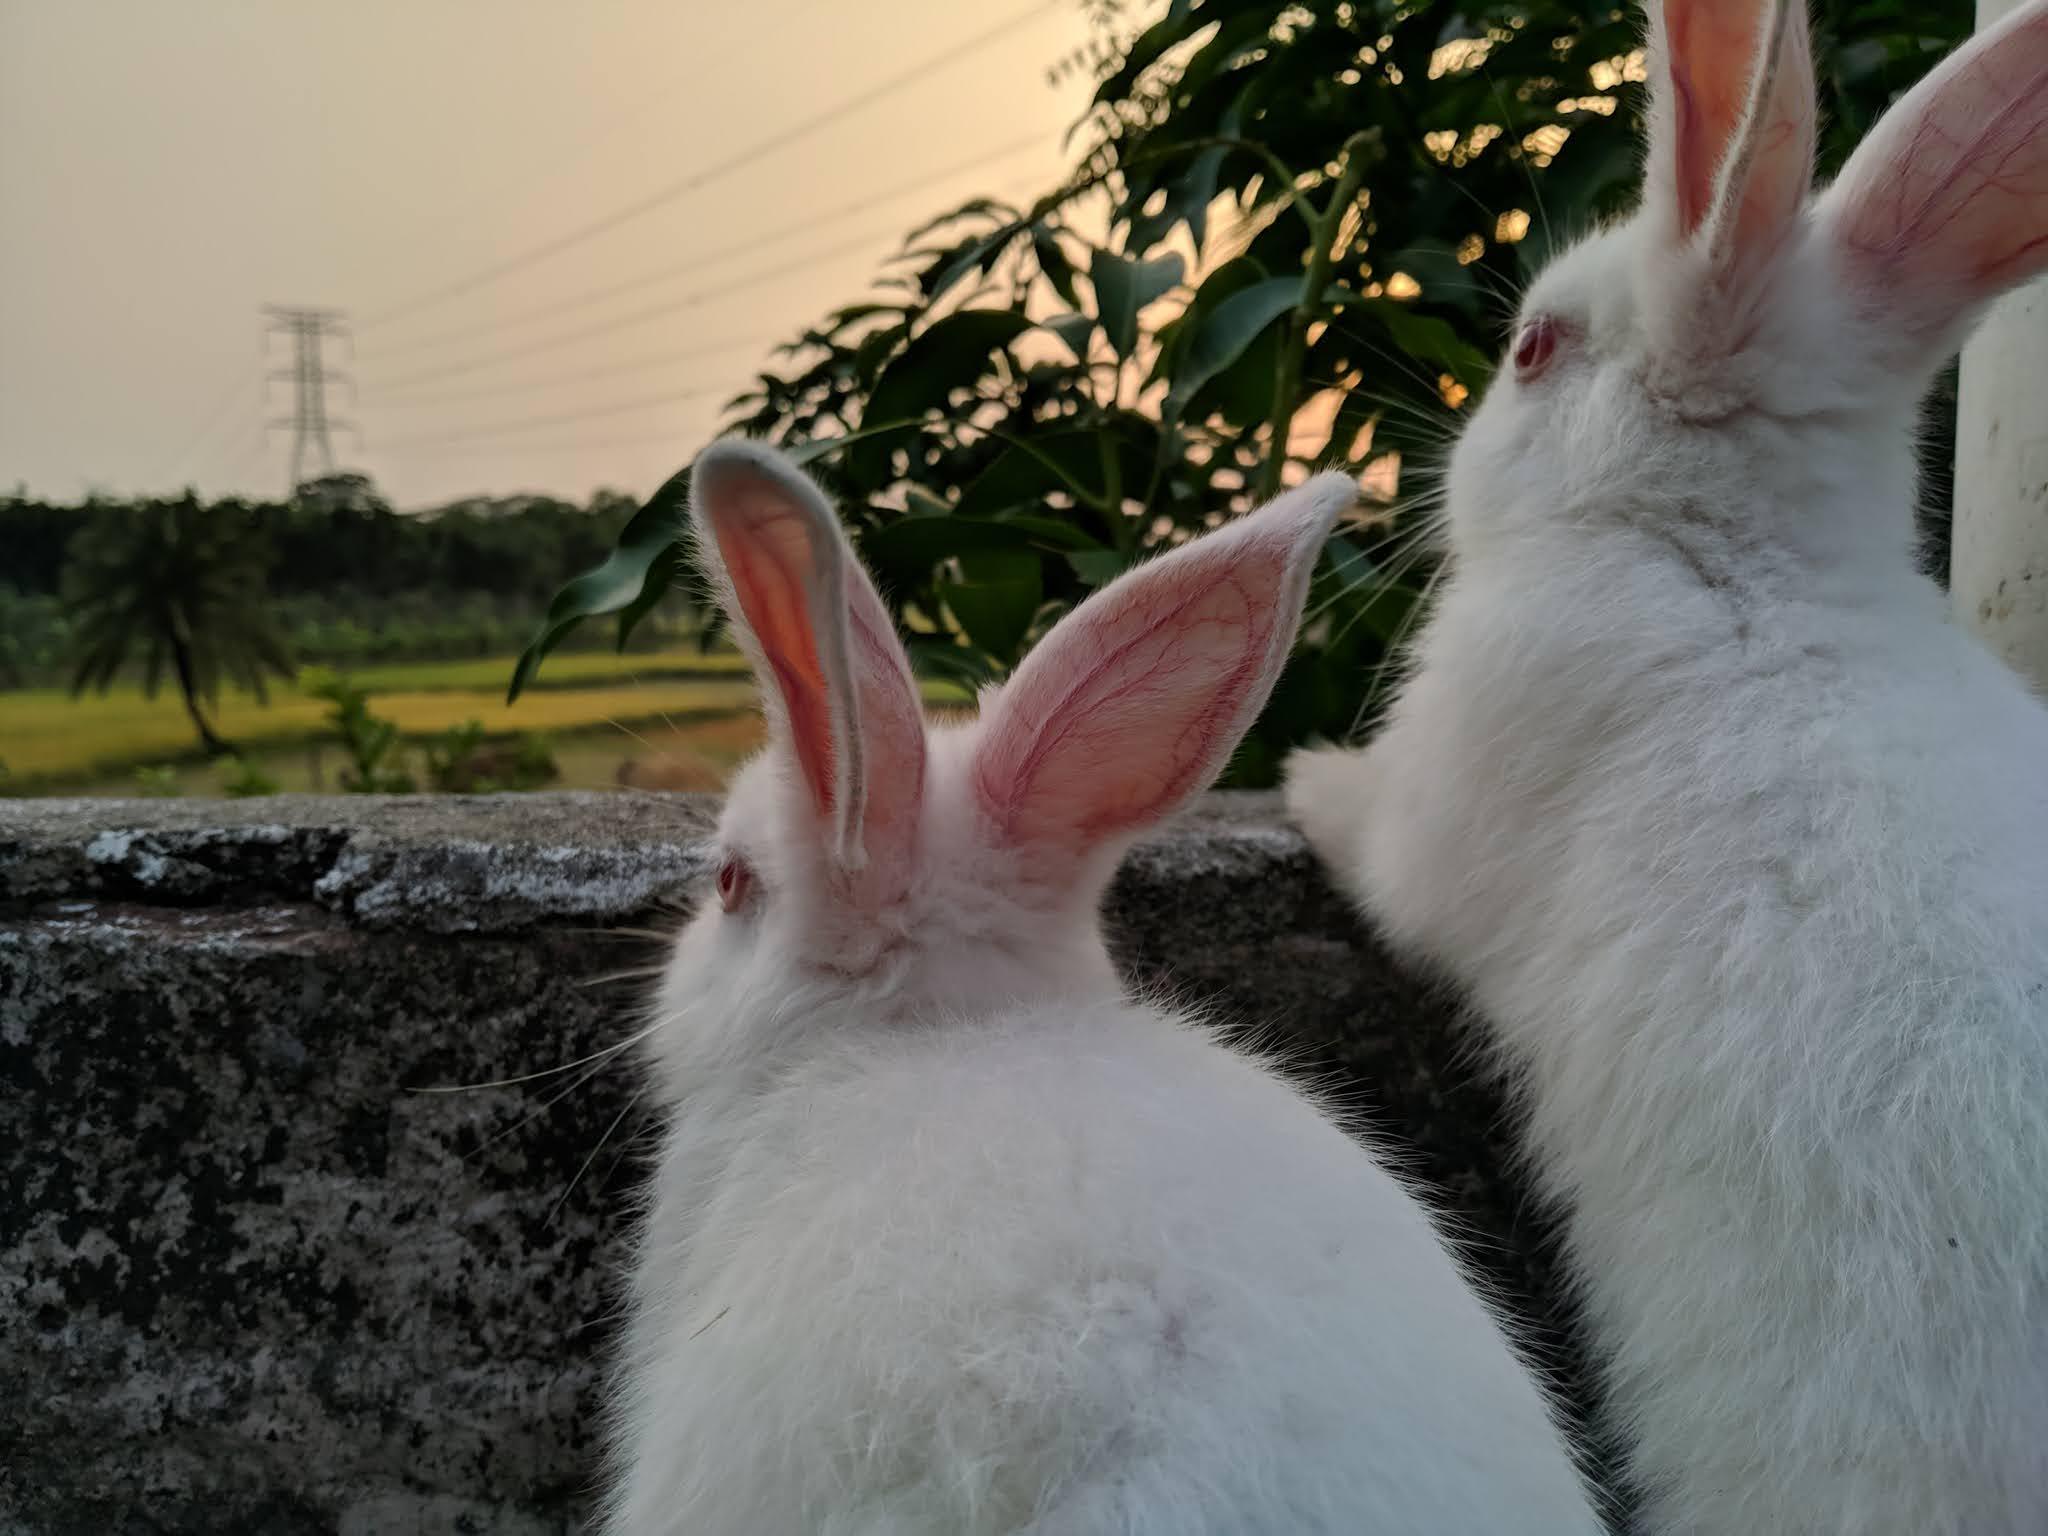 ciekawostki o krolikach, dlaczego króliki zjadają własne bobki?